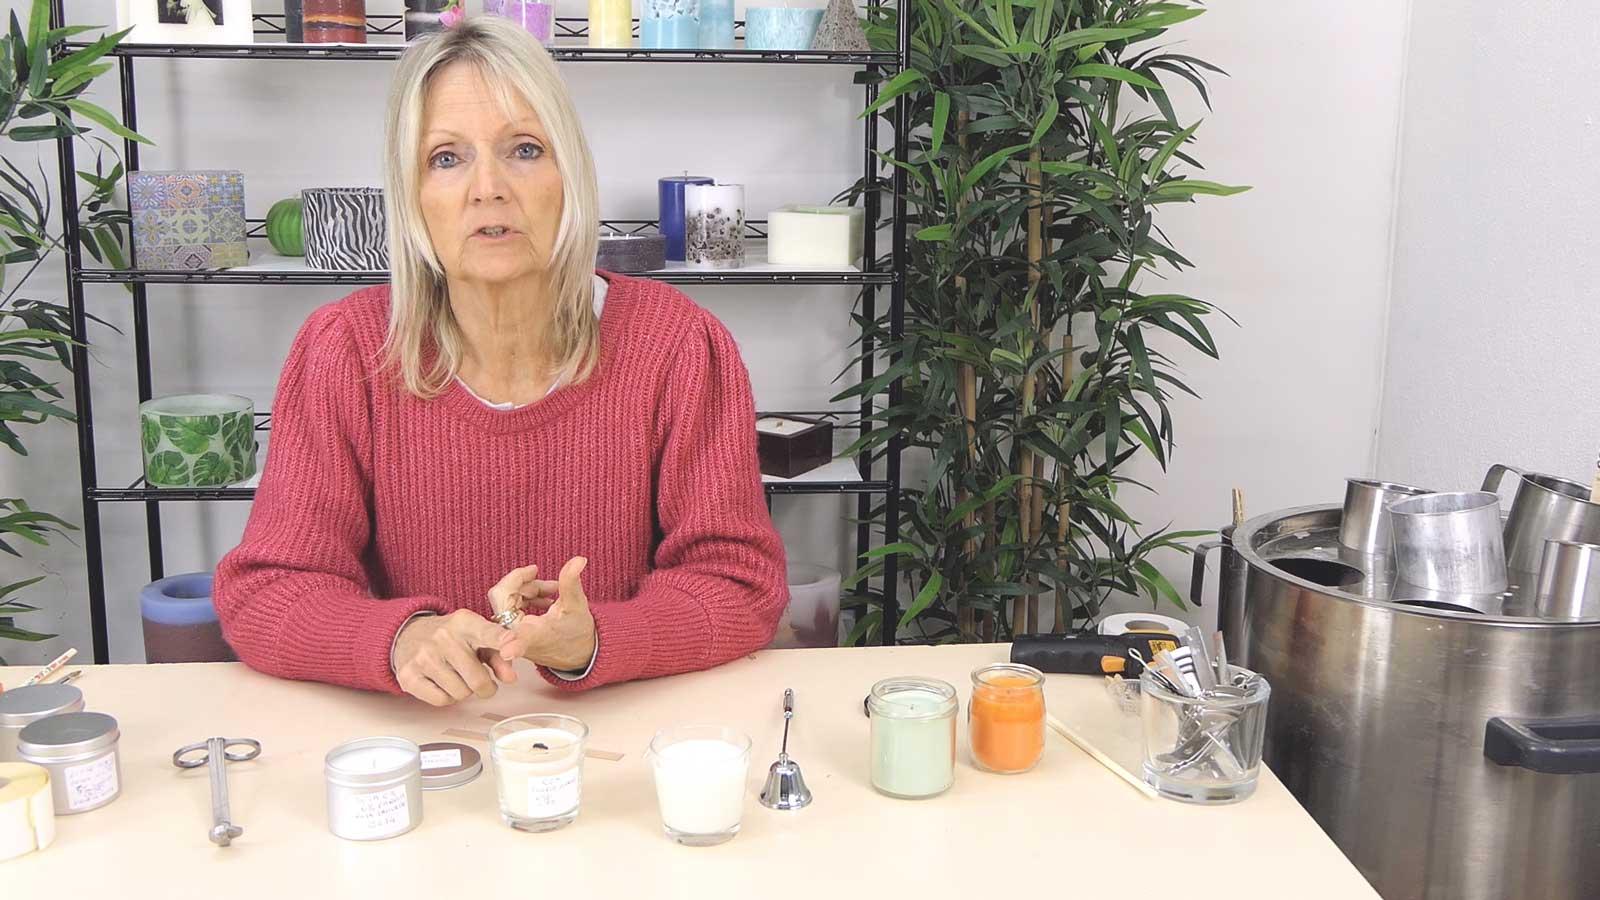 Bougies en contenants : vidéo de conclusion